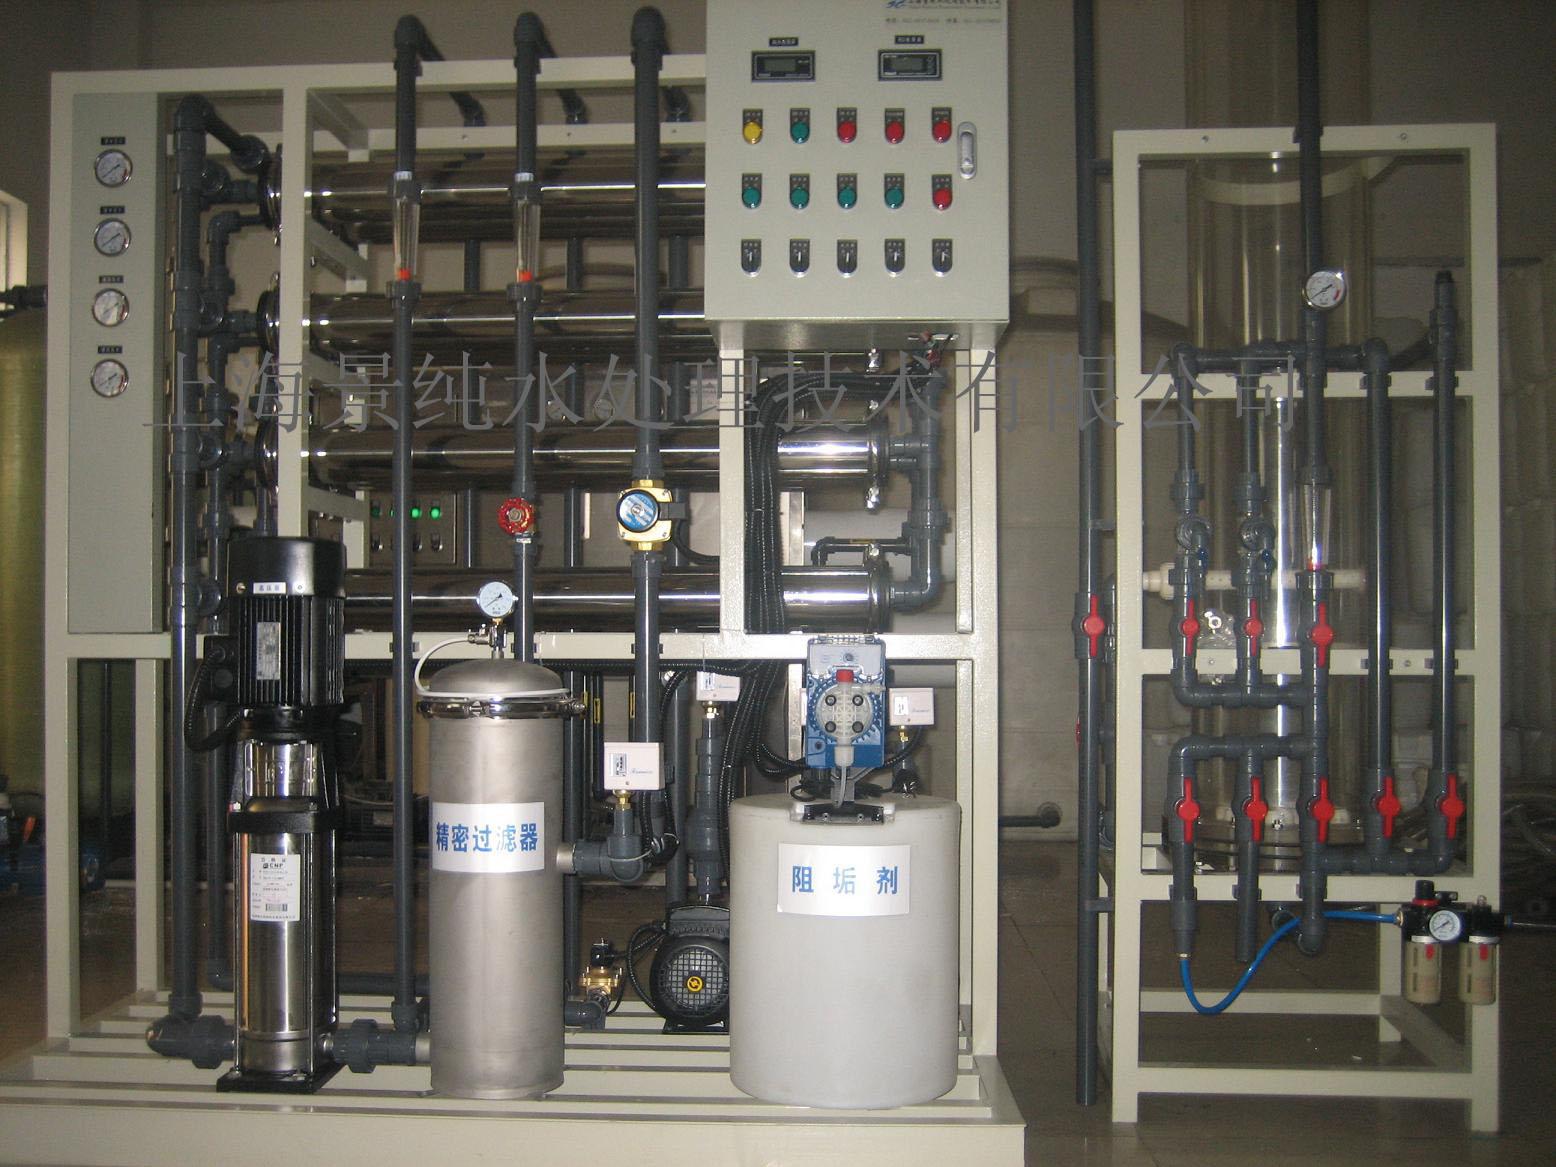 1、多介质过滤器主要作用是去除源水中的悬浮物质及机械杂质。设备内装有布水帽、精制石英砂等,亦可装其它填料。合理的石英砂装填比例及良好的布水系统,使系统的产水水质更加稳定。 2、活性碳过滤器具有除臭、去色、除油、吸附有机物杂质等作用,能最大程度的去除水中的游离余氯,保证反渗透膜的进水水质。 3、RO主机系统采用美国先进的反渗透技术,利用压力差的原理,能有效地去除水中的盐份,脱盐率可达到99%以上。 4、混床系统采用离子交换技术,内装阴、阳树脂,合理的树脂层高度能有效地保证出水水质满足用户要求,亦可用EDI装